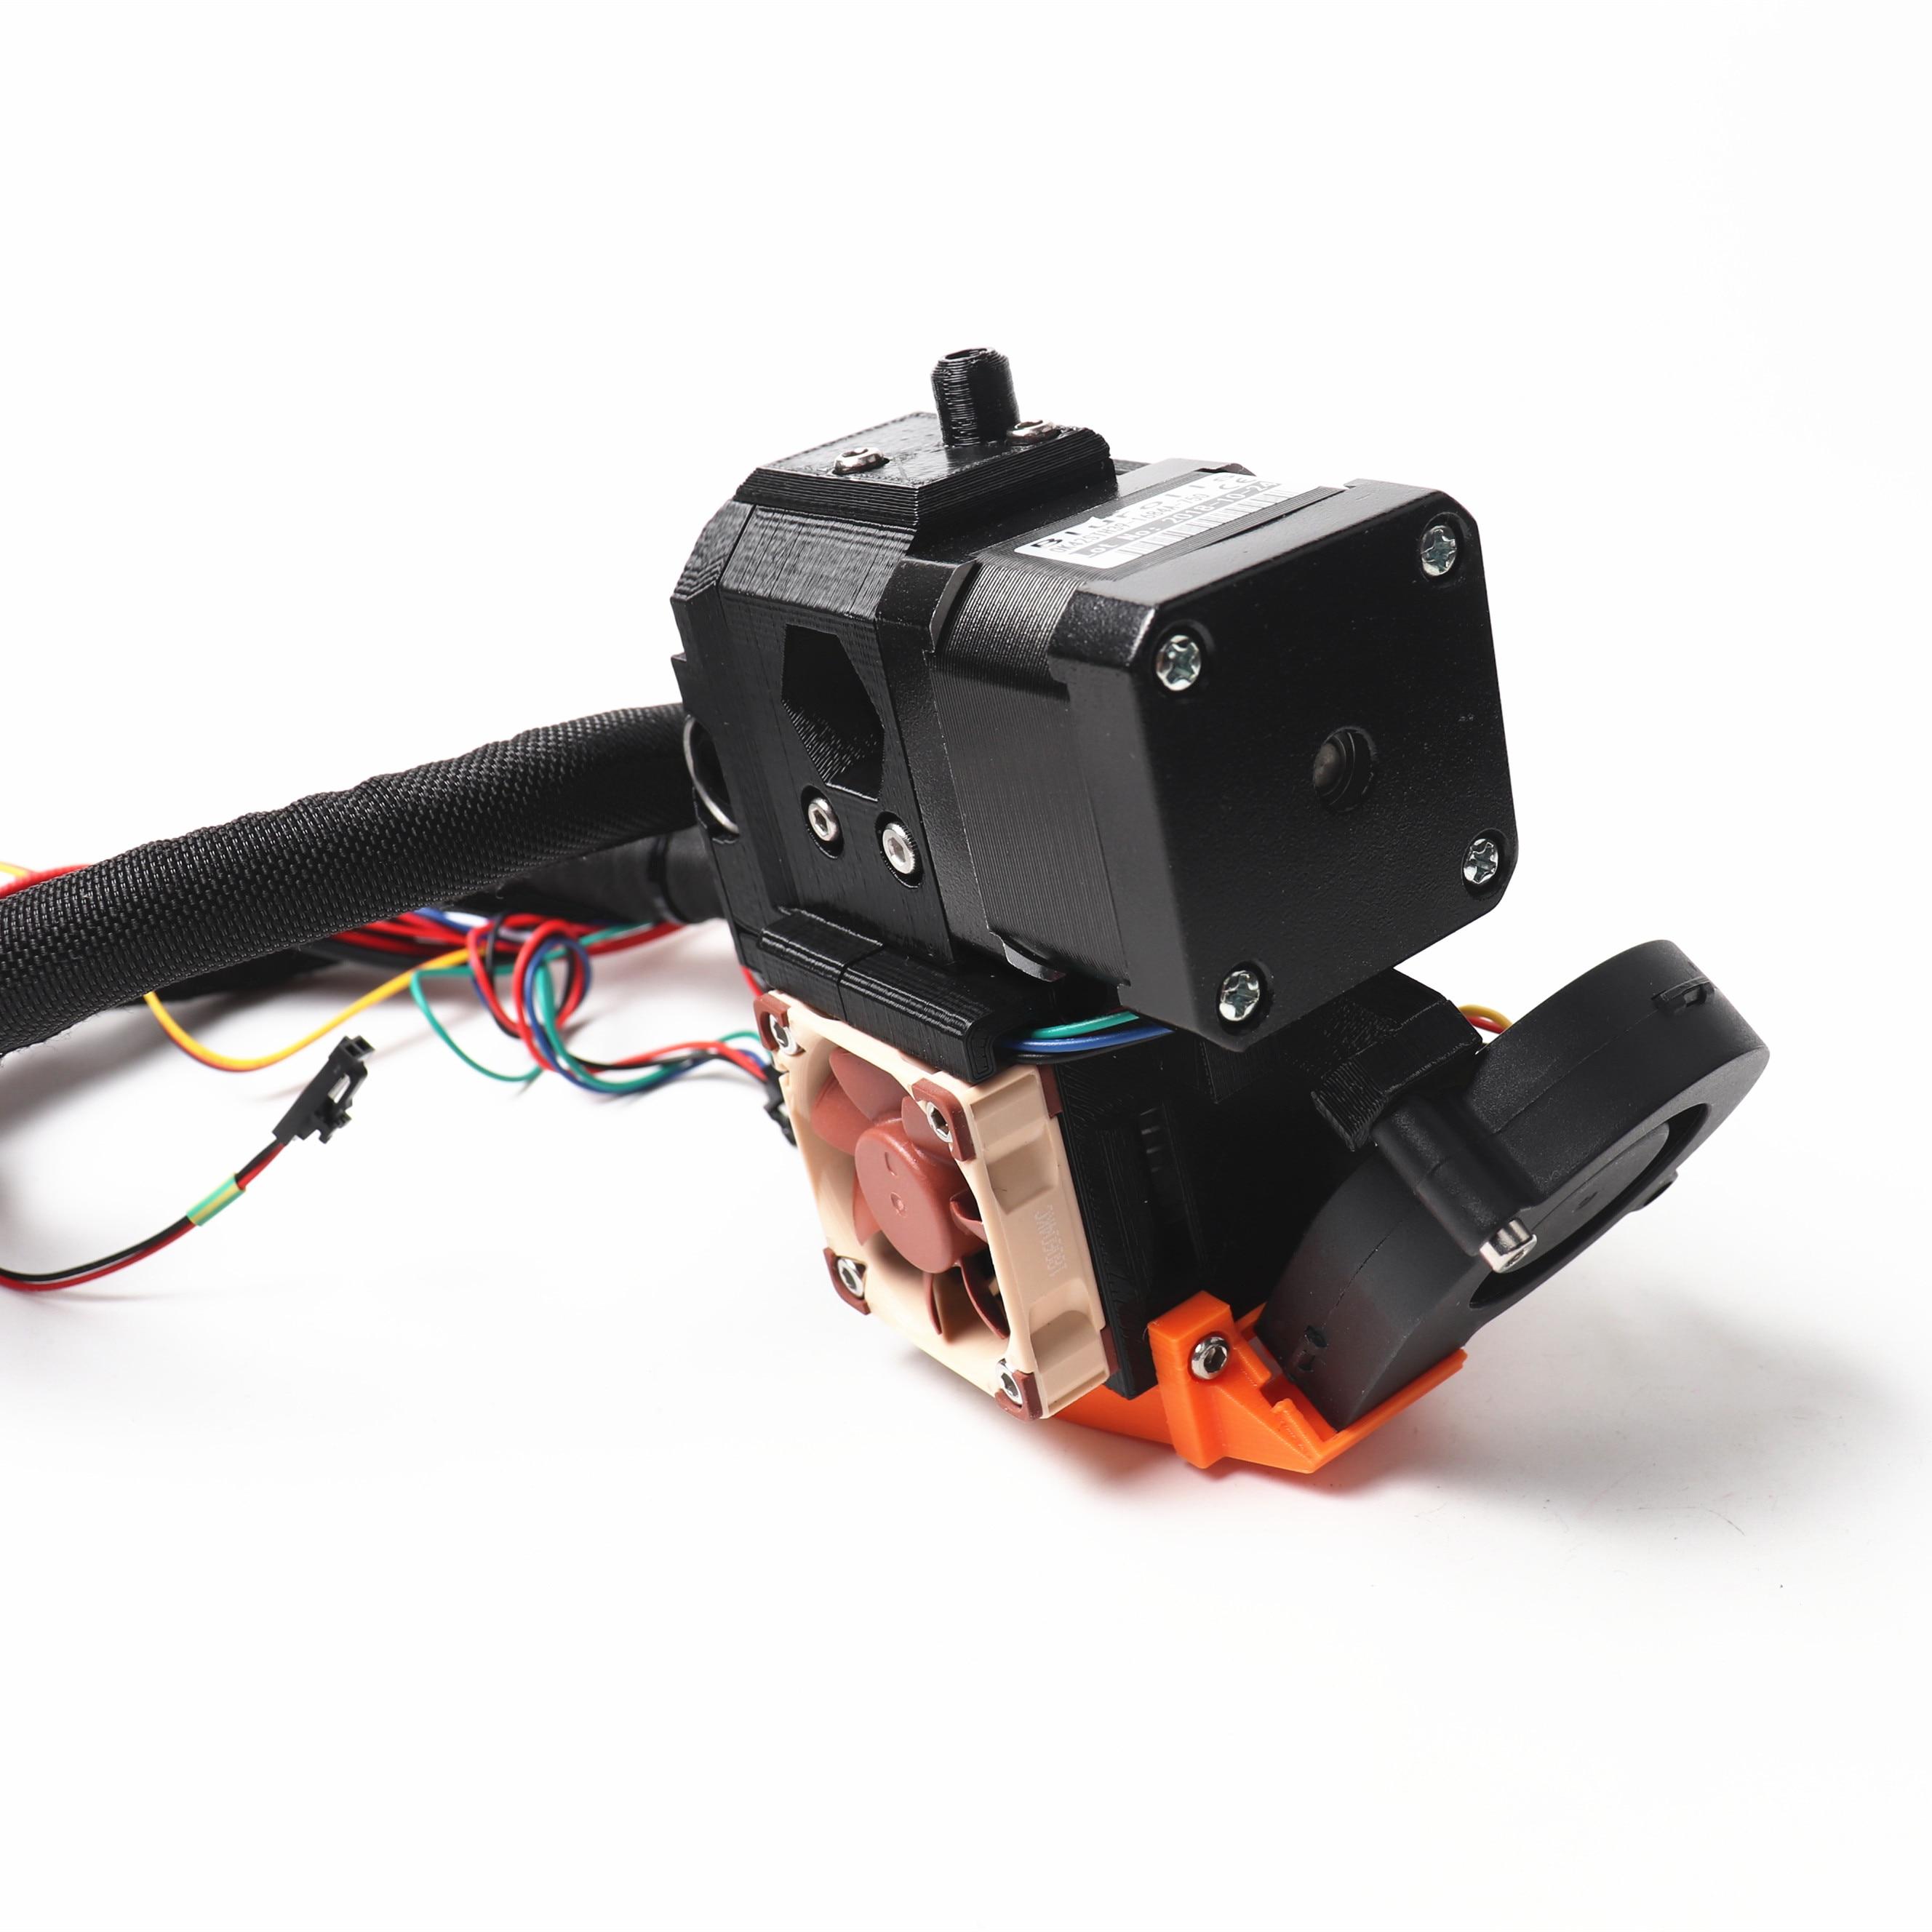 Prusa i3 mk3 hotend kit completo, ventilador de notora, pinda v2, sensor de filamento, têxtil (não montado)